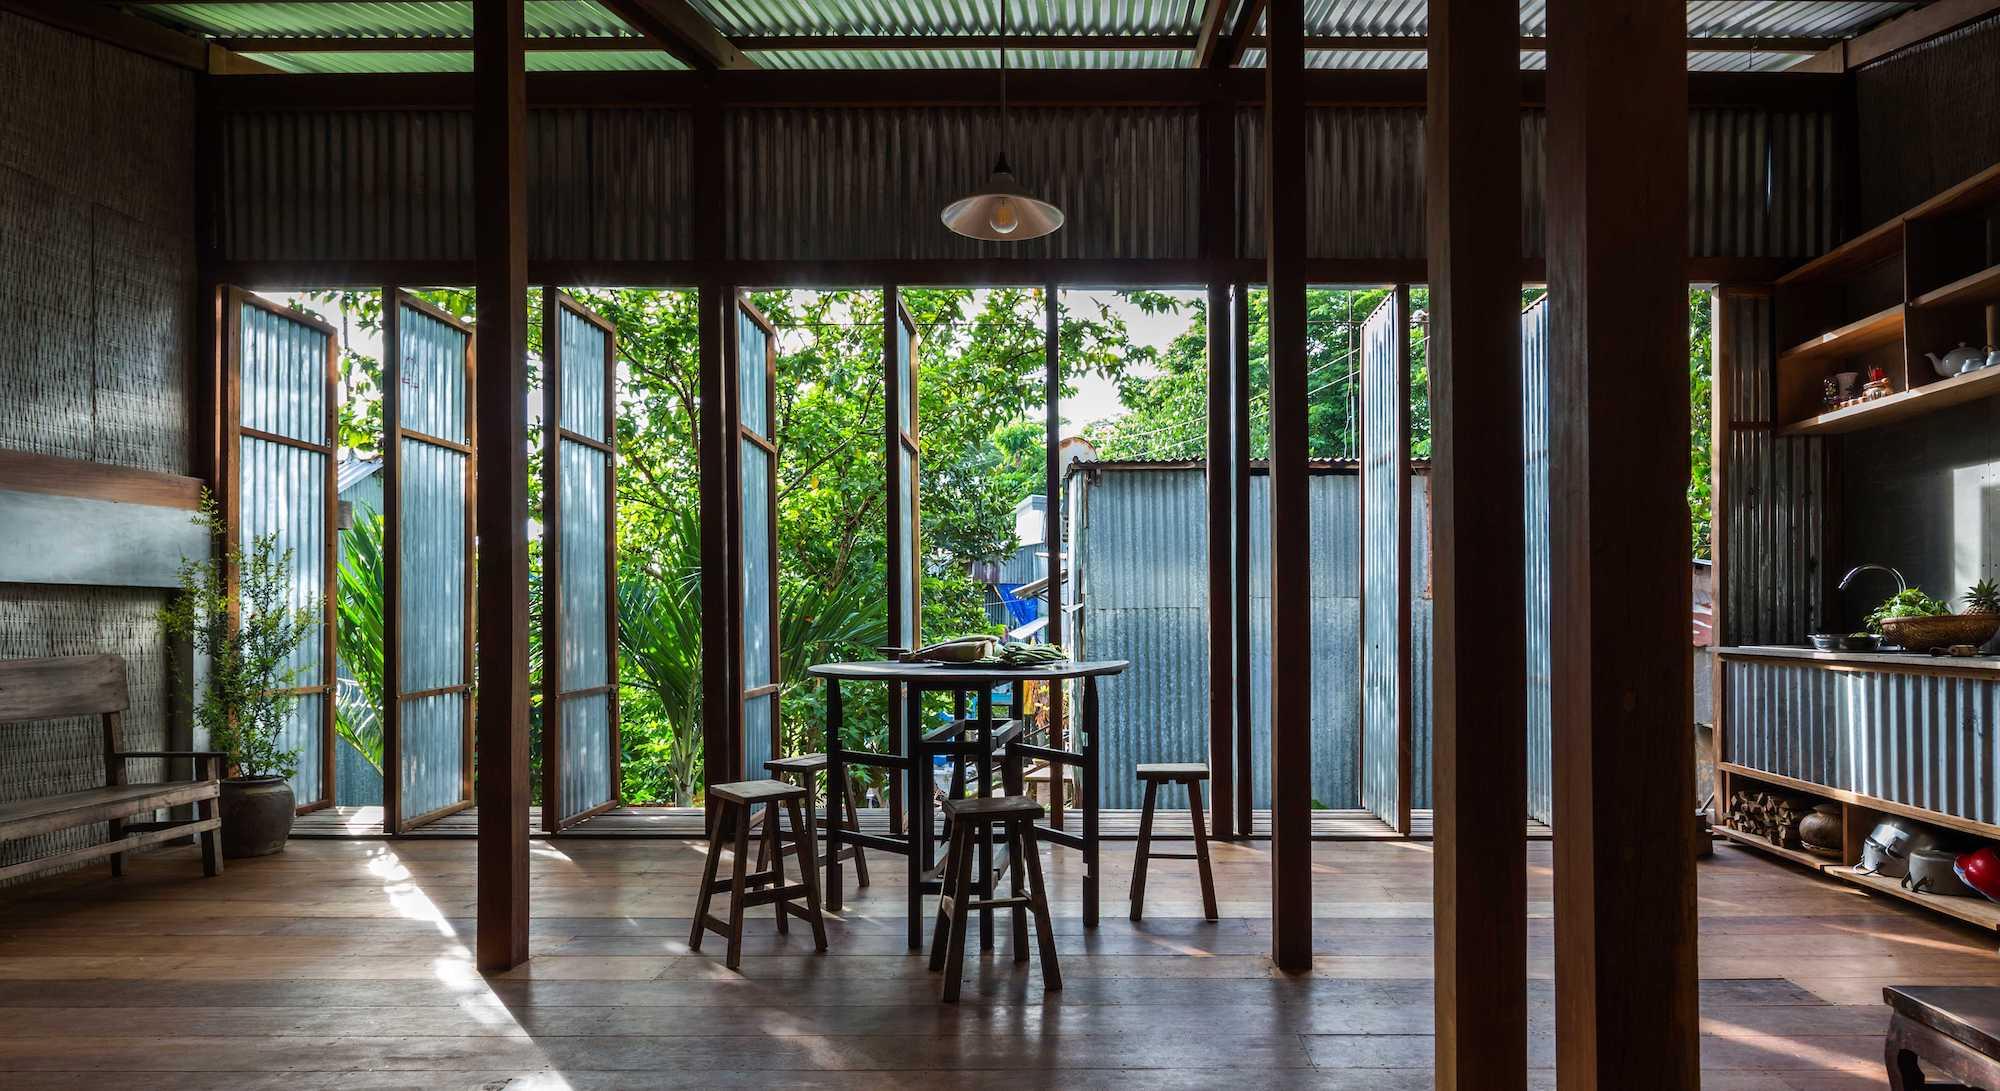 Đi tìm sự nguyên bản: Shunri Nishizawa — Lưu giữ bản sắc văn hóa qua kiến trúc